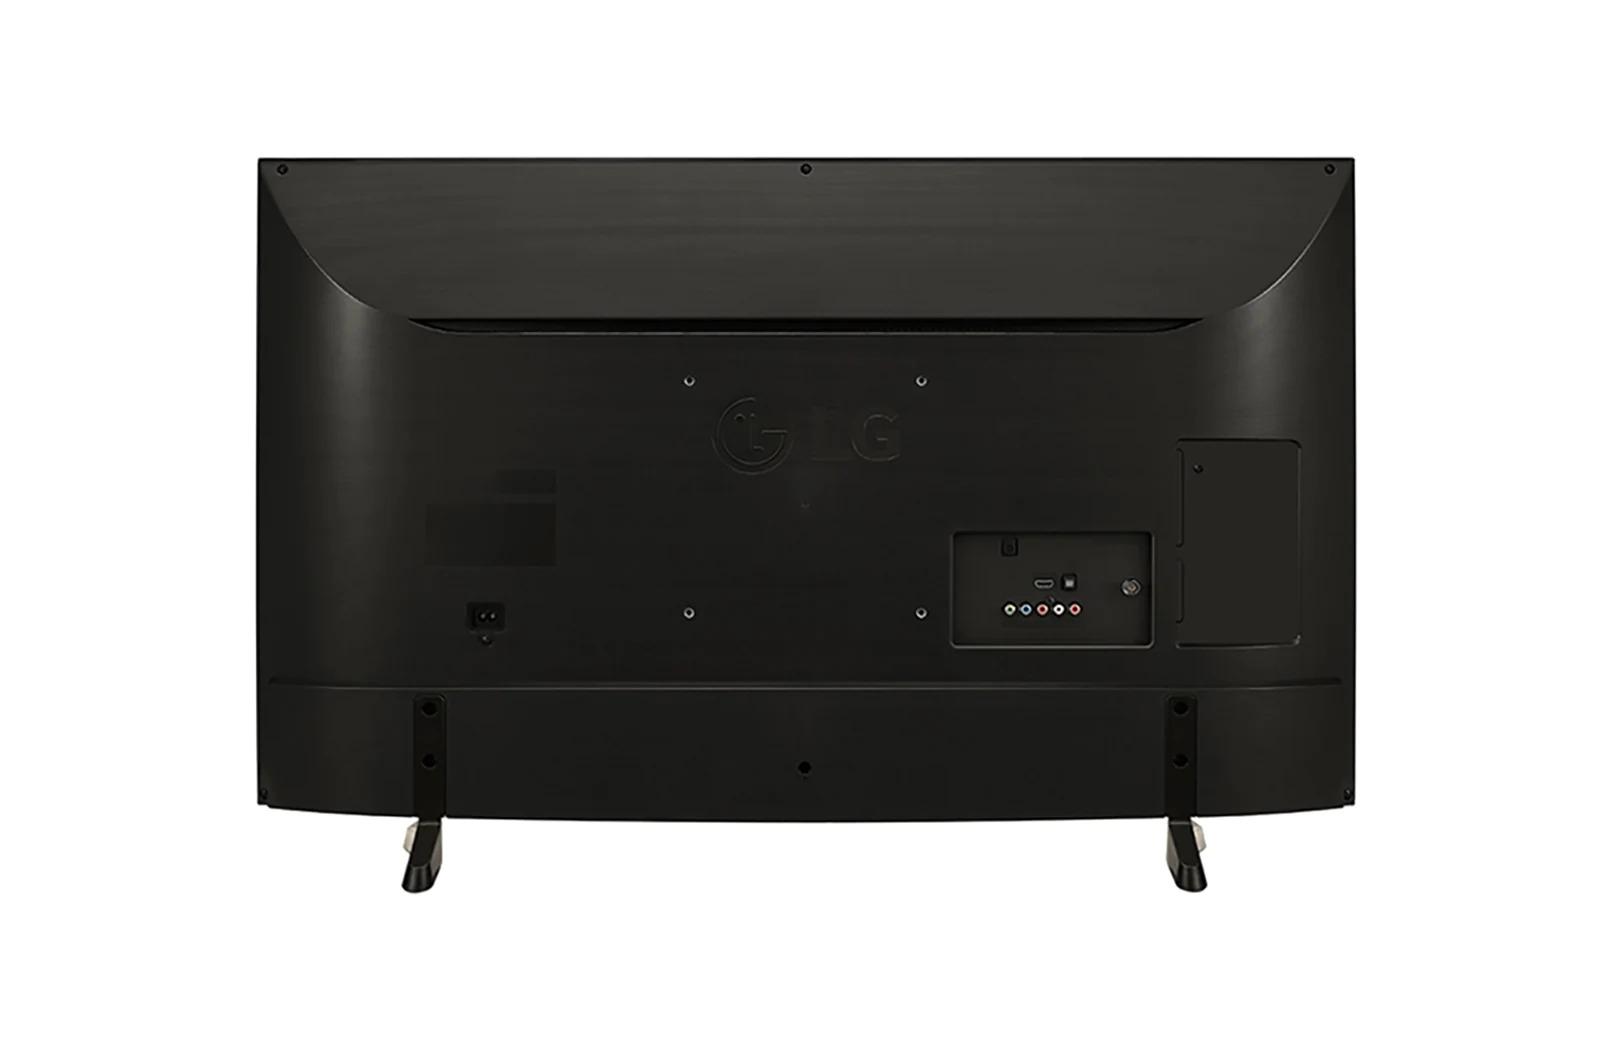 LG (43LK5260PTA) 43 (109cm) Full HD LED TV